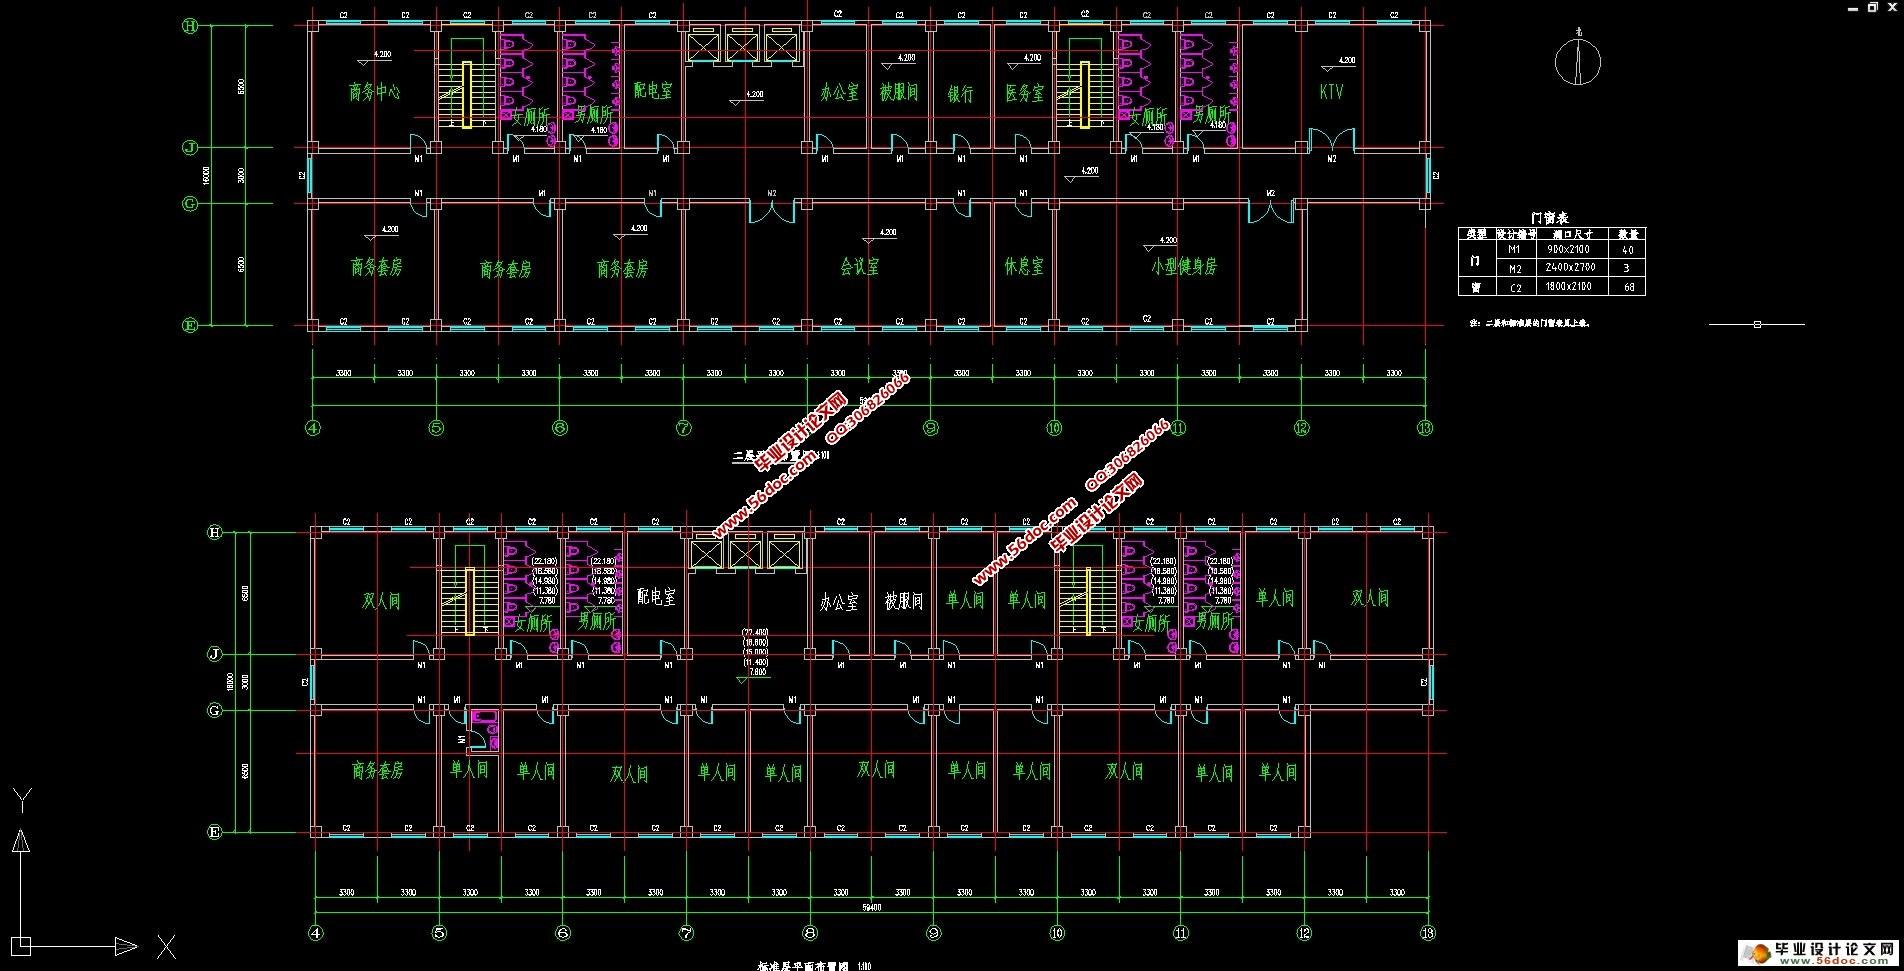 七层9000平米框架结构旅馆(酒店宾馆)设计(建筑图,结构图)(任务书,开题报告,计算书27000字,建筑图5张,结构图6张) 本次毕业设计是一幢旅馆设计,包括建筑设计和结构设计两部分内容。 建筑设计是在总体规划的前提下,根据设计任务书的要求,综合考虑基地环境、使用功能、综合选型、施工、材料、建筑设备、建筑艺术及经济等。着重解决了建筑物与周围环境、建筑物与各种细部构造,最终确定设计方案,画出建筑施工图。 结构设计是在建筑物初步设计的基础上确定结构方案;选择合理的结构体系;进行结构布置,并初步估算,确定结构